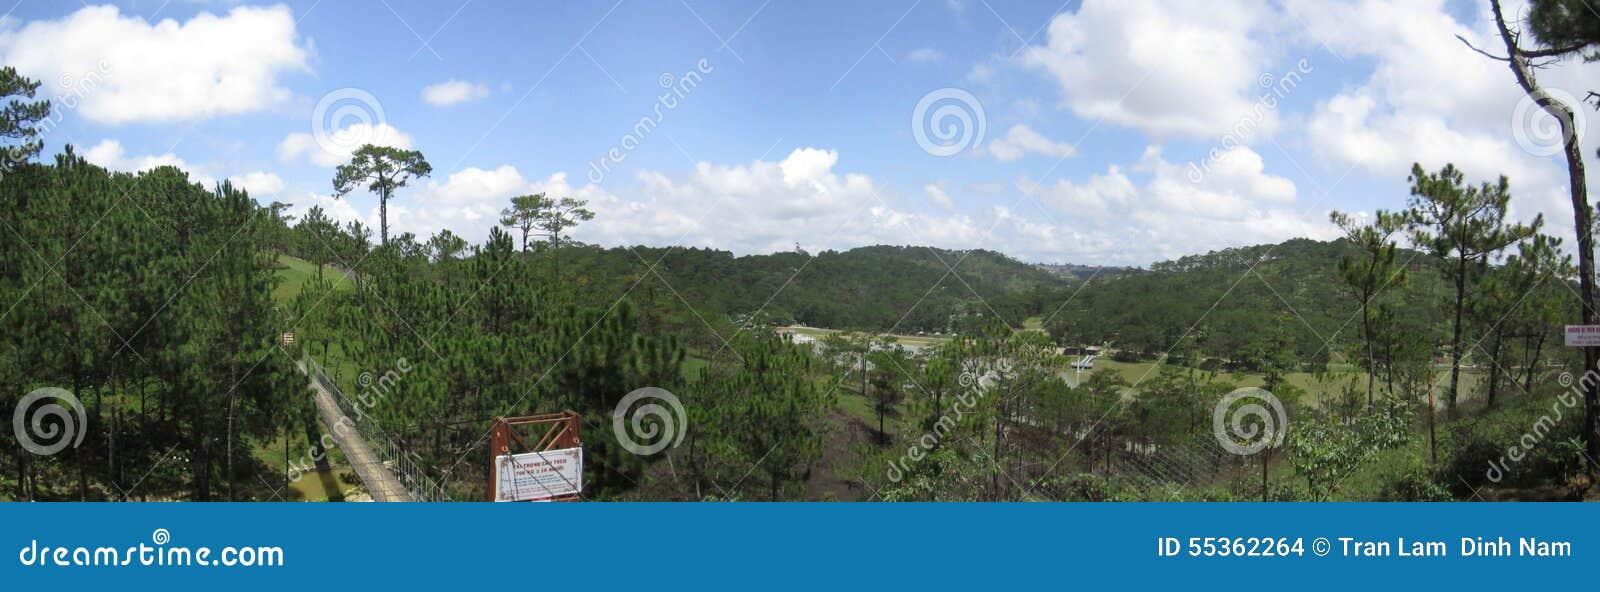 Vung Tau City